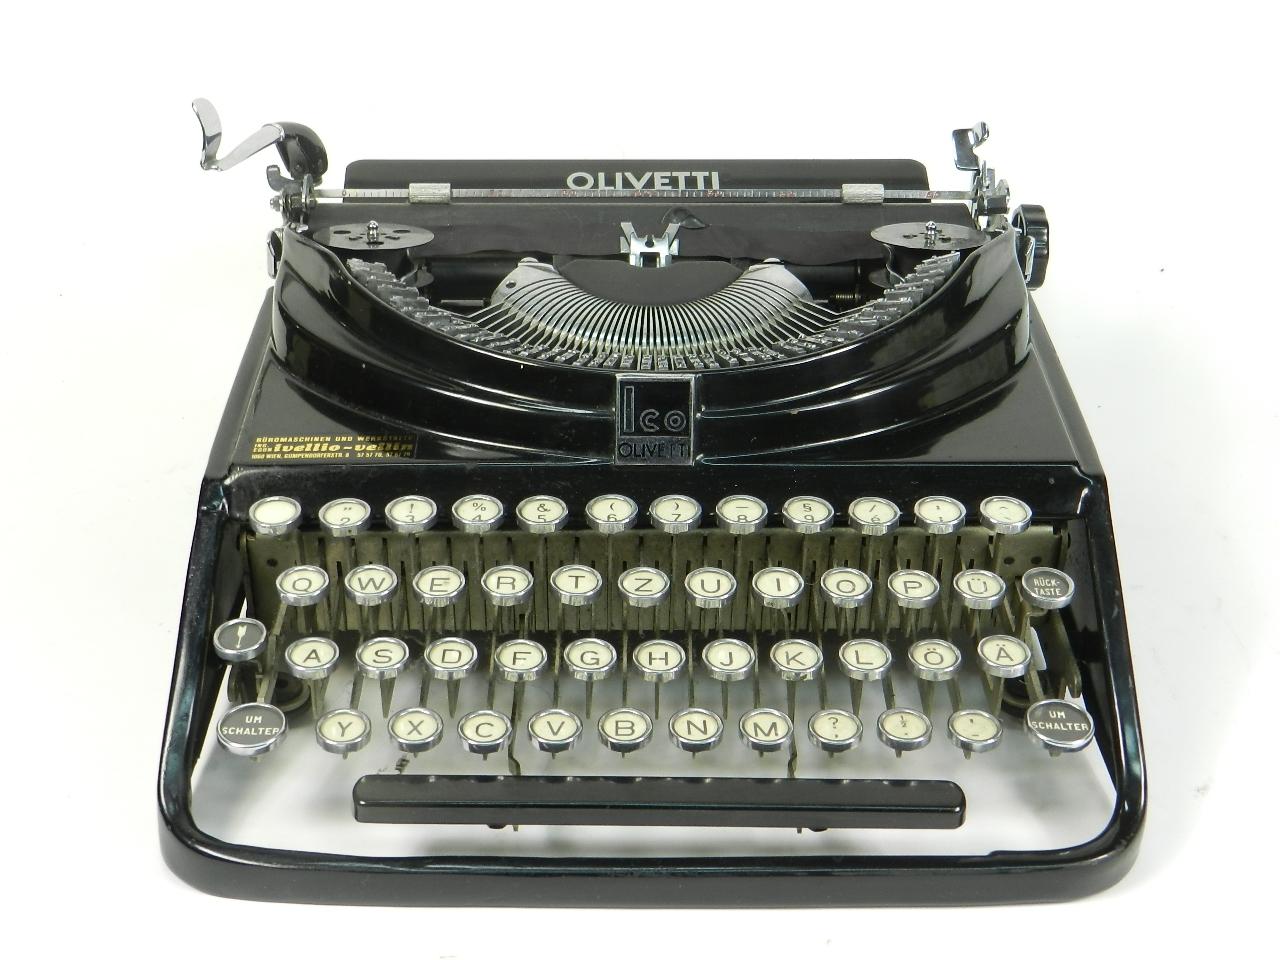 Imagen OLIVETTI  ICO   MP1  AÑO 1932 29818